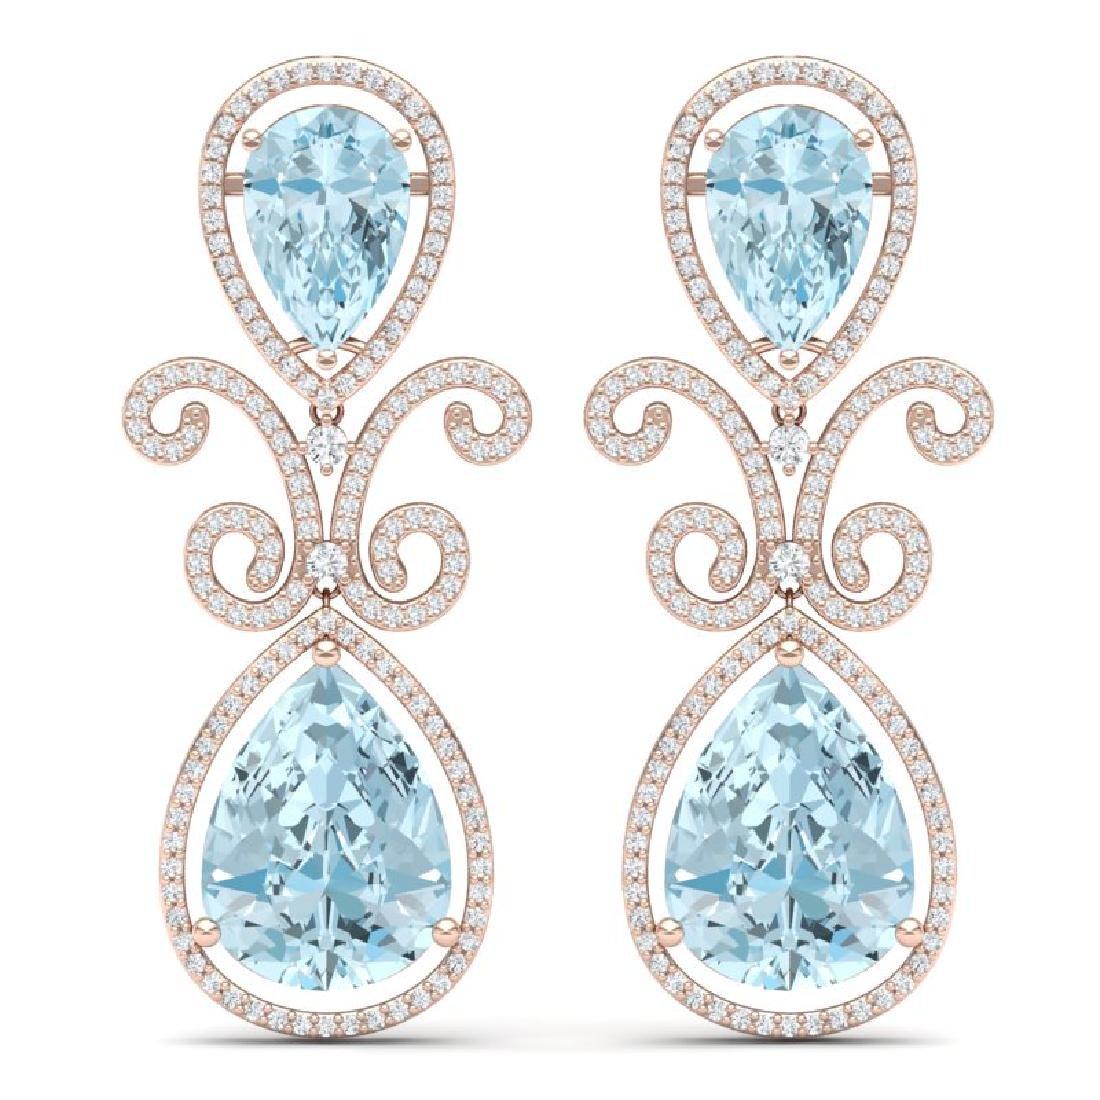 30.49 CTW Royalty Sky Topaz & VS Diamond Earrings 18K